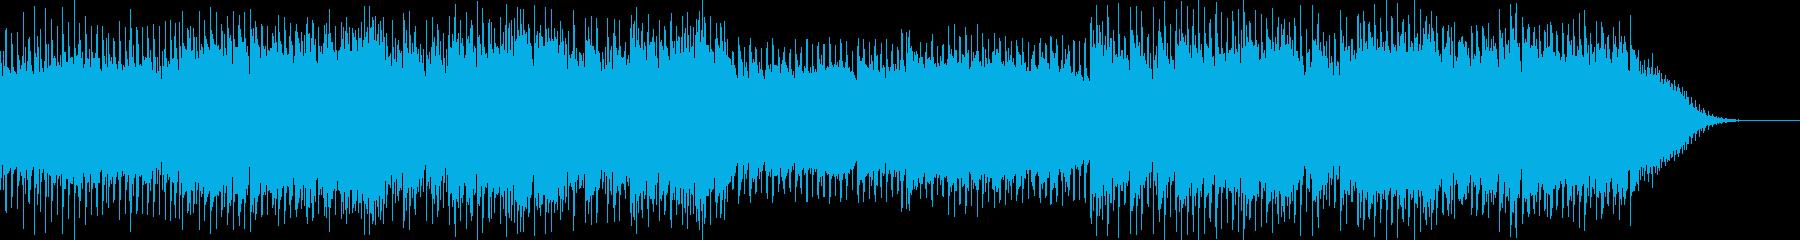 星空イメージの明るいシンセポップの再生済みの波形